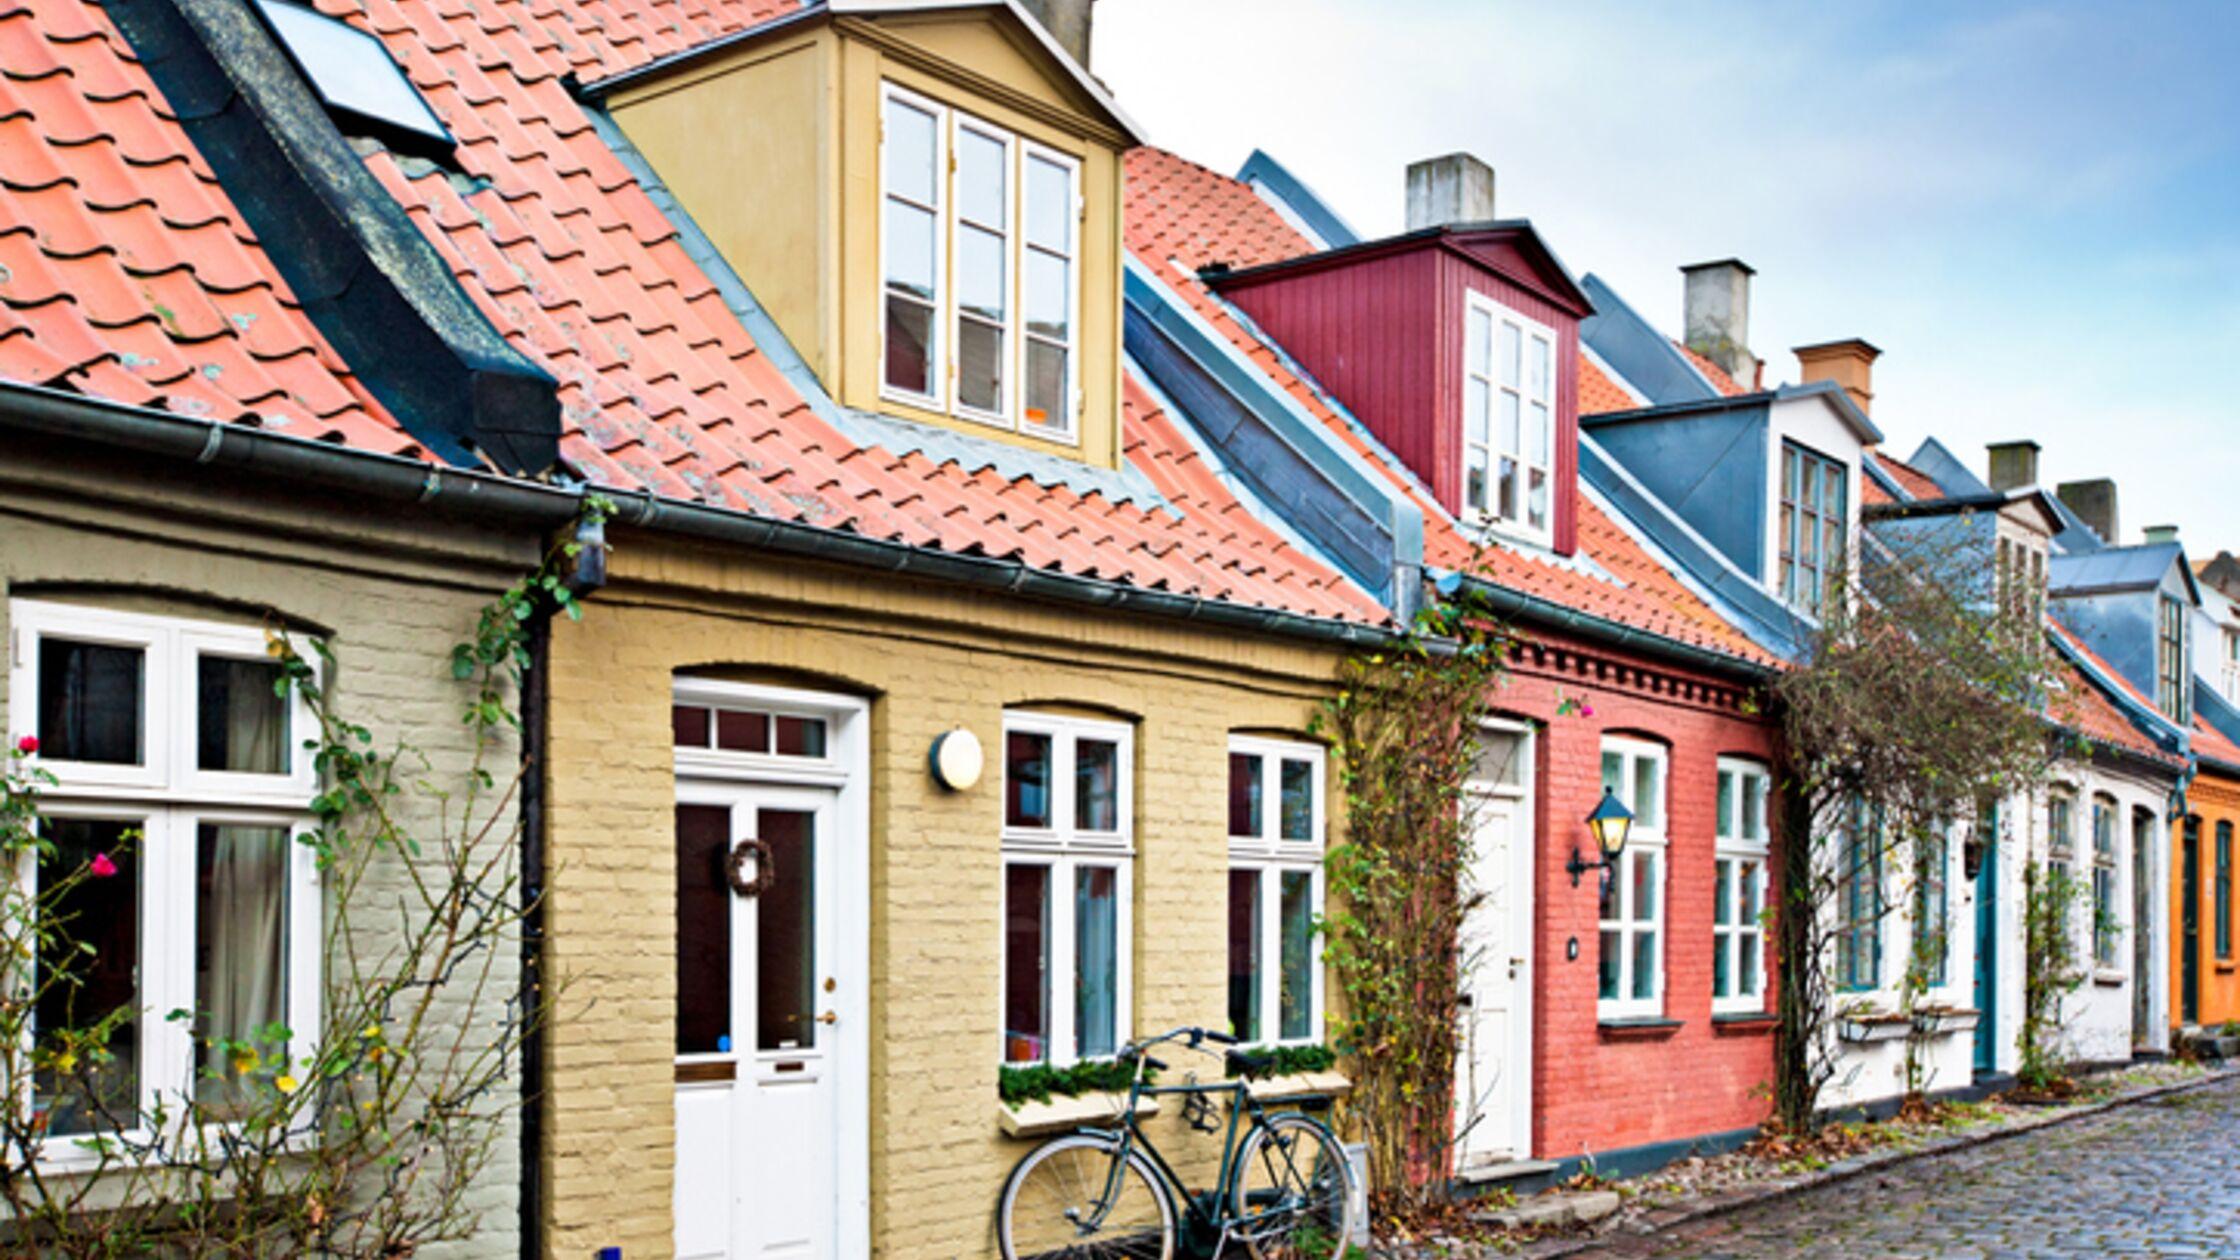 Bunte Häuser in Aarhus, Dänemark